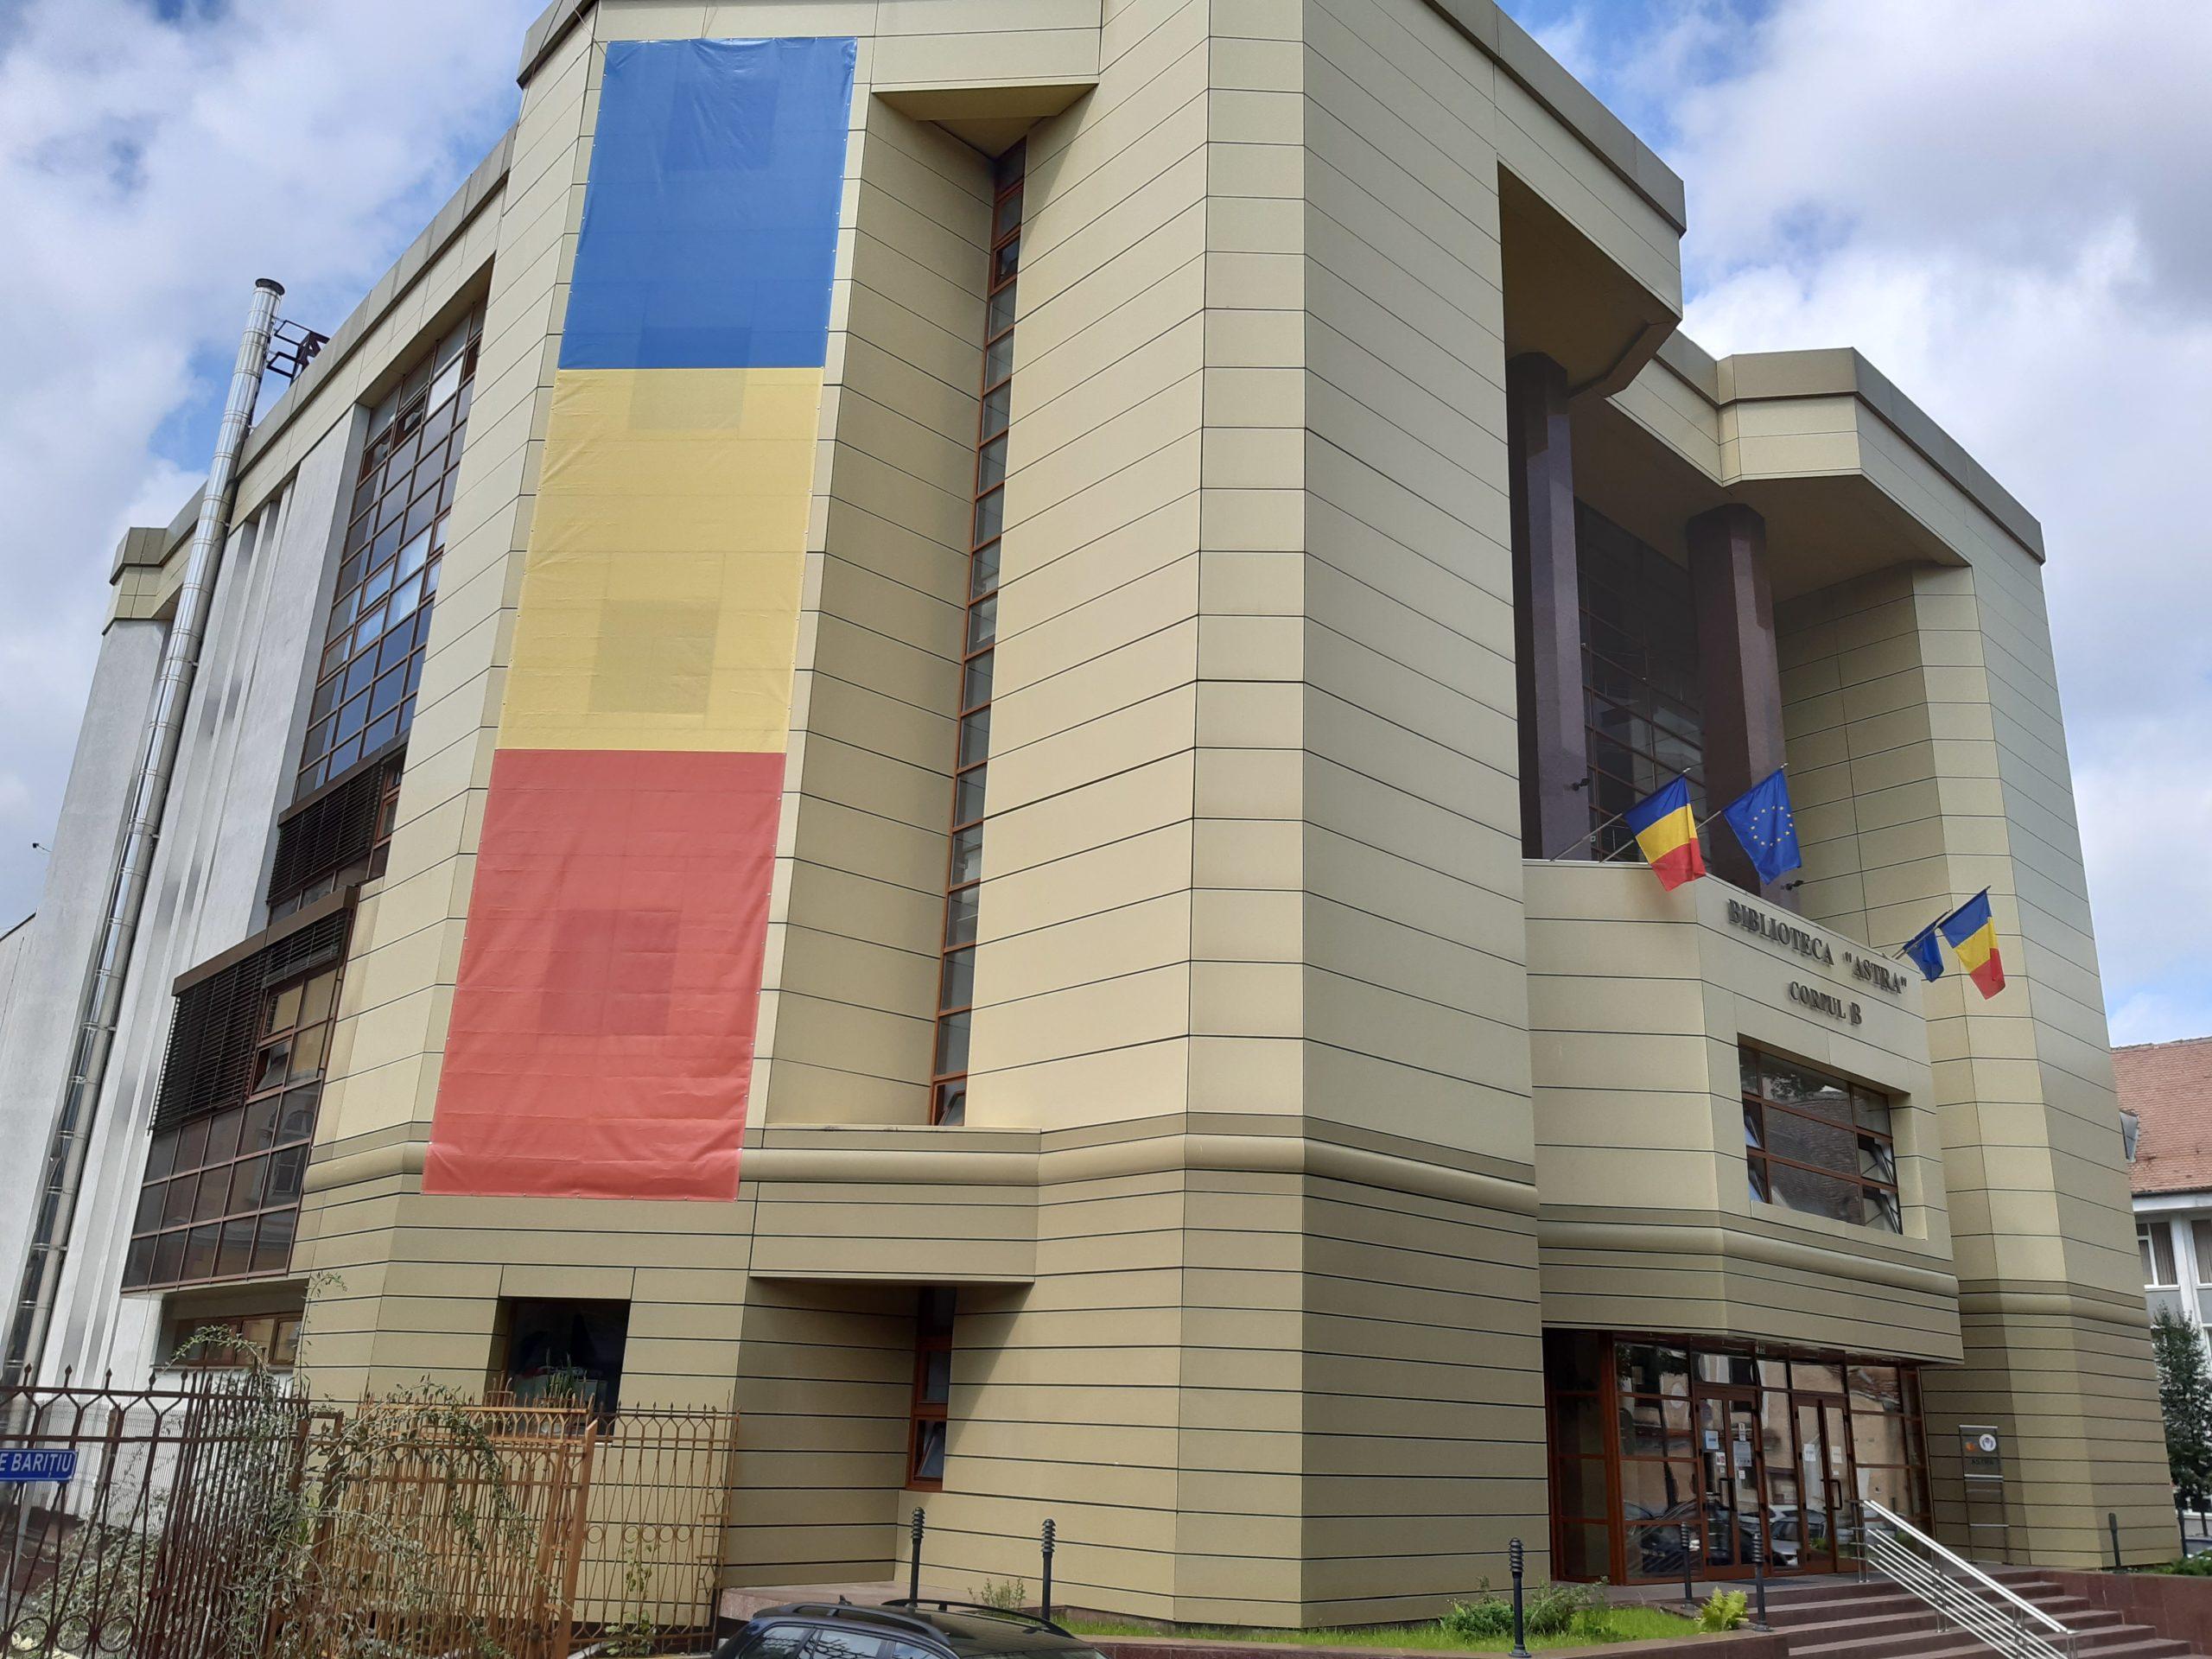 Ziua Drapelului Național al României este sărbătorită prin ilustrații la Biblioteca Astra